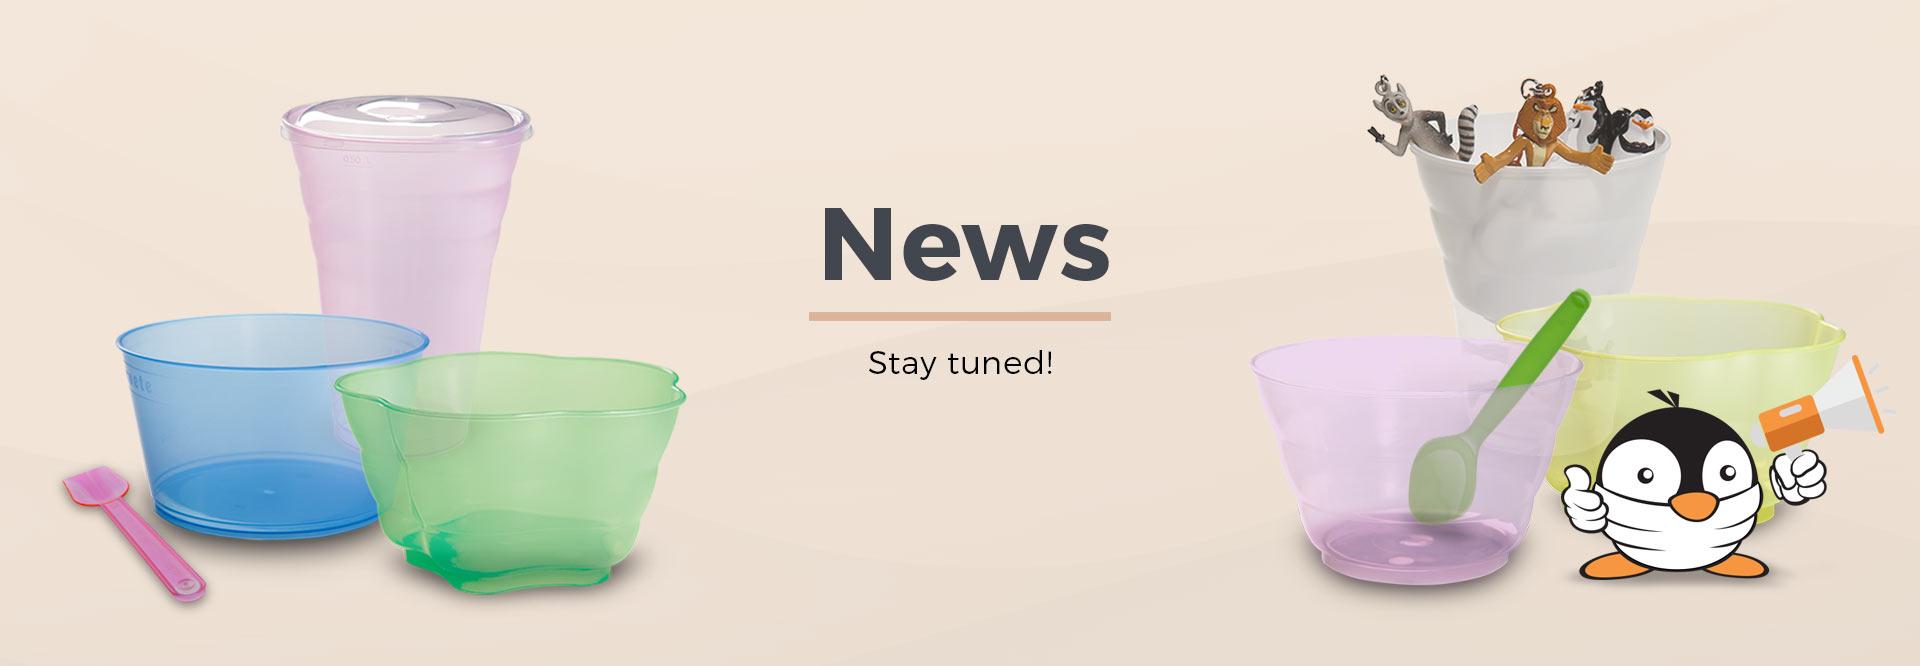 en-header-cuppy-news-1